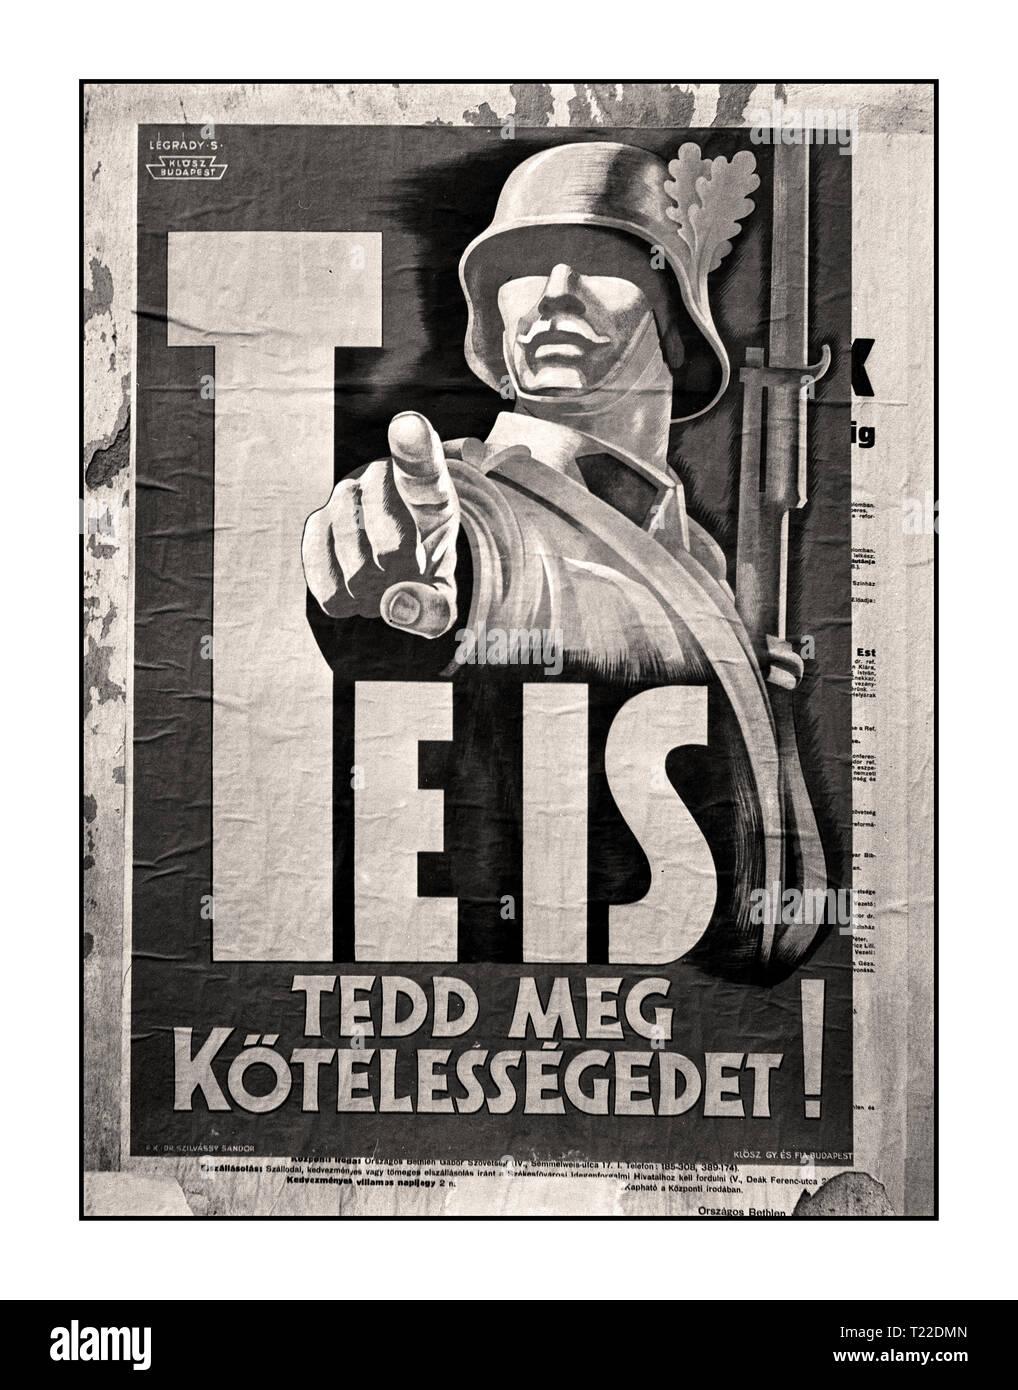 """Vintage WW2 B&W Street Poster """"genossen Sie es tun können'', die Sie auch ihre Pflicht tun!' von Budapest 1940 Rekrutierung, Plakat, Soldat, Sándor Légrády-graphics 1942 Ungarn im Jahre 1940, unter dem Druck des nationalsozialistischen Deutschland trat Ungarn dem Facist Achsenmächte. Im folgenden Jahr, der Ungarischen Streitkräfte in der Invasion in Jugoslawien und der Überfall auf die Sowjetunion beteiligt. Stockbild"""